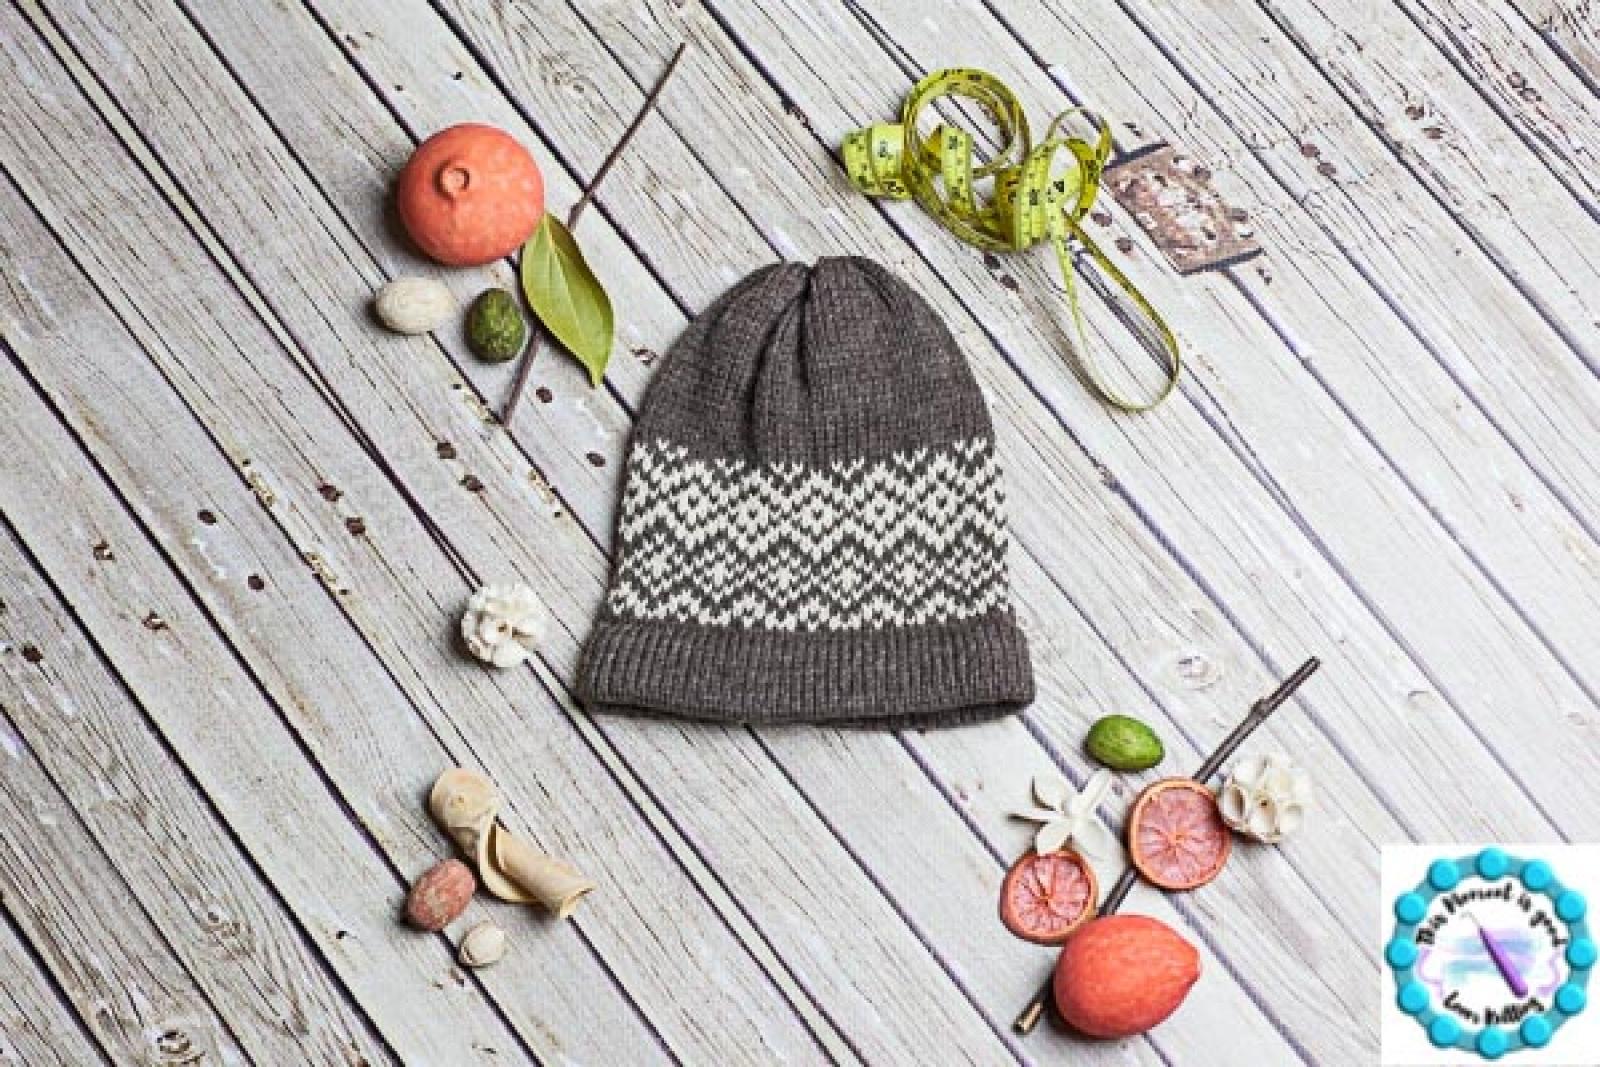 Loom Knit Fair Isle Hat Patterns. 6 PDF Loom Knitting Patterns ...